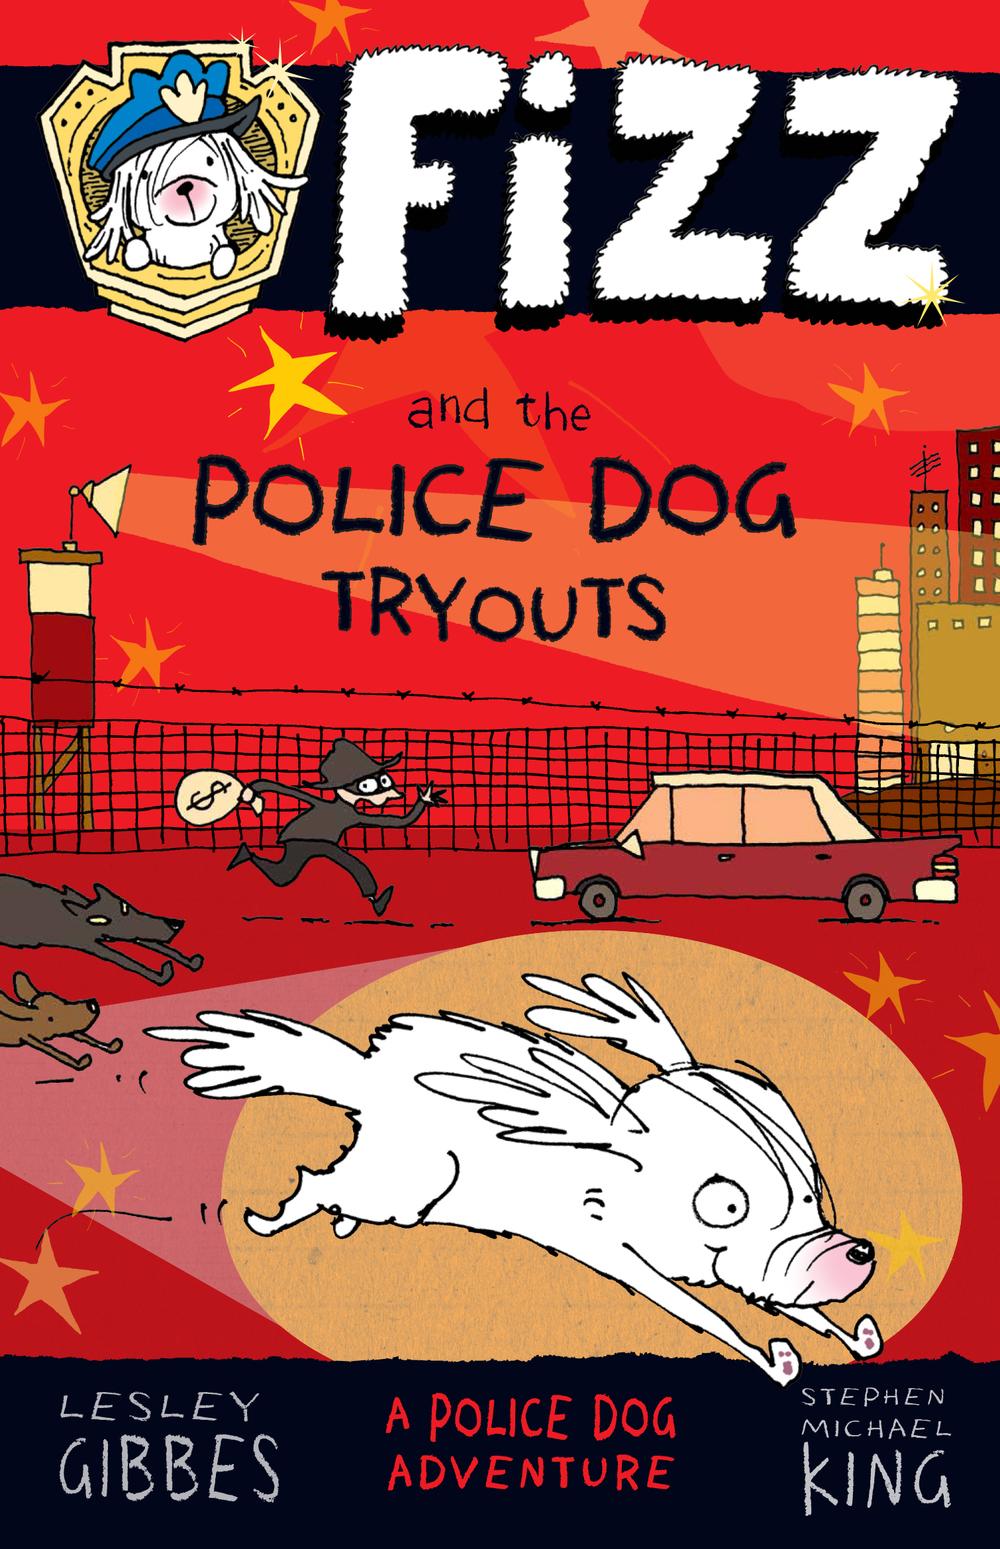 fizz police dog 1510x2339.jpg